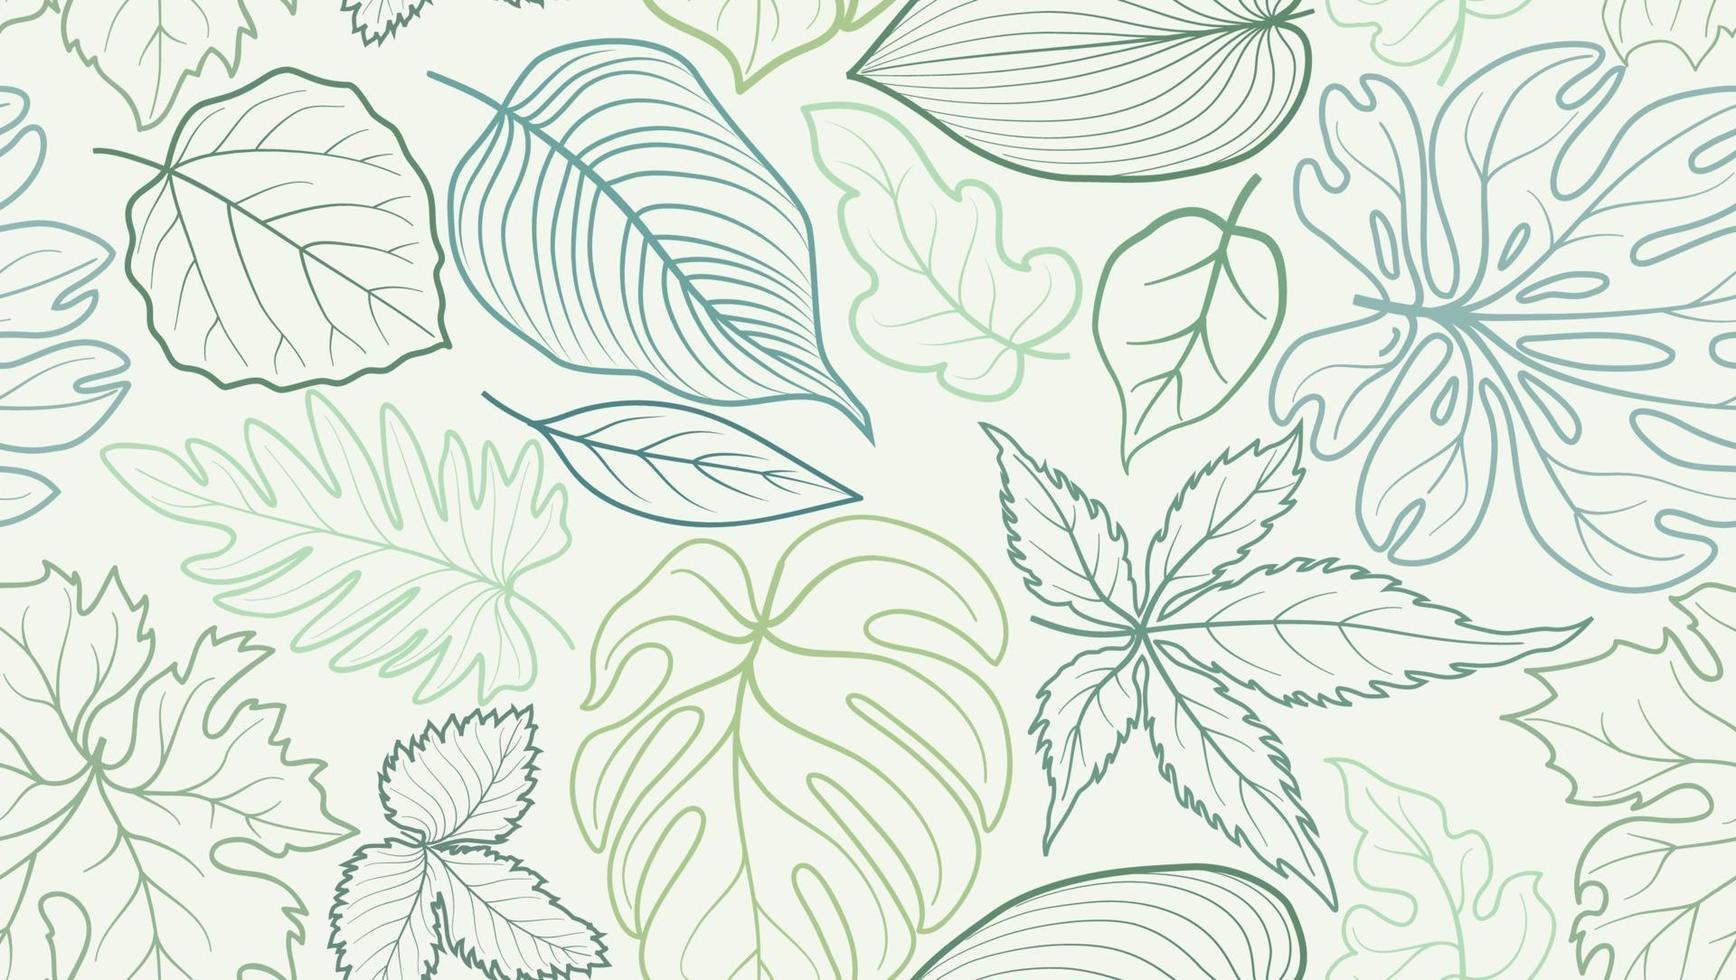 Blumenmuster mit Blättern. Blume nahtlosen Sommer festlichen Hintergrund. vektor